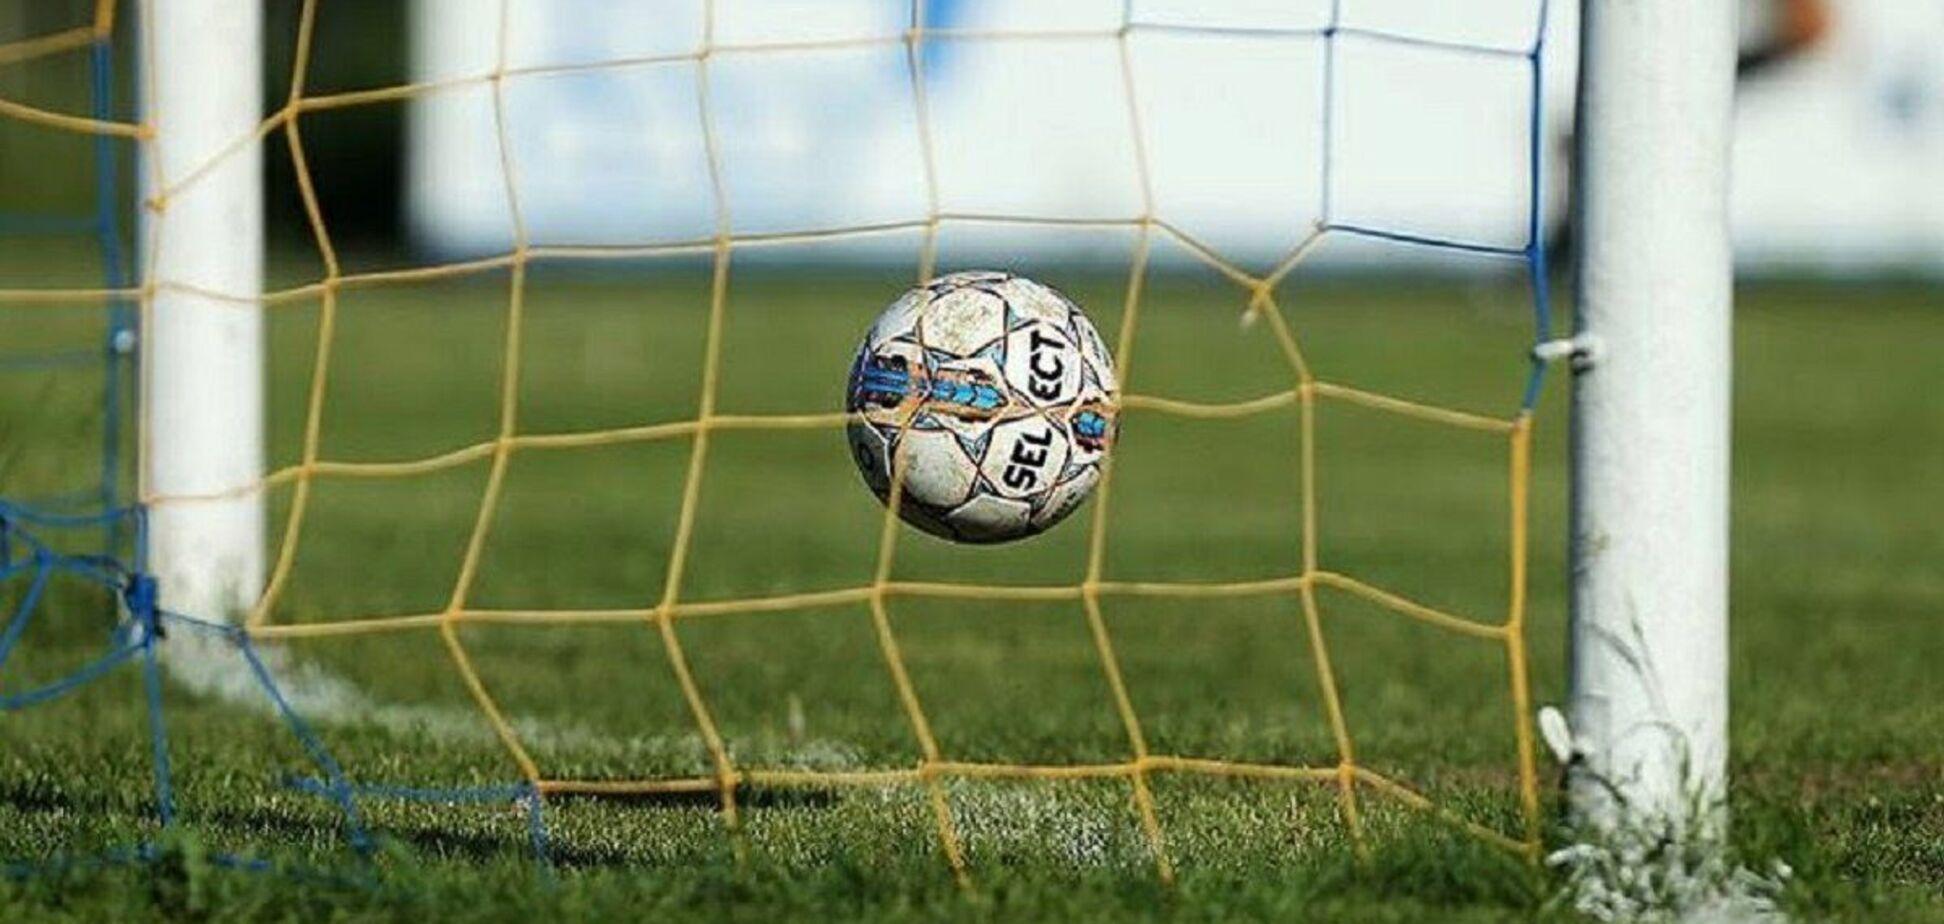 М'яч залітає в сітку воріт